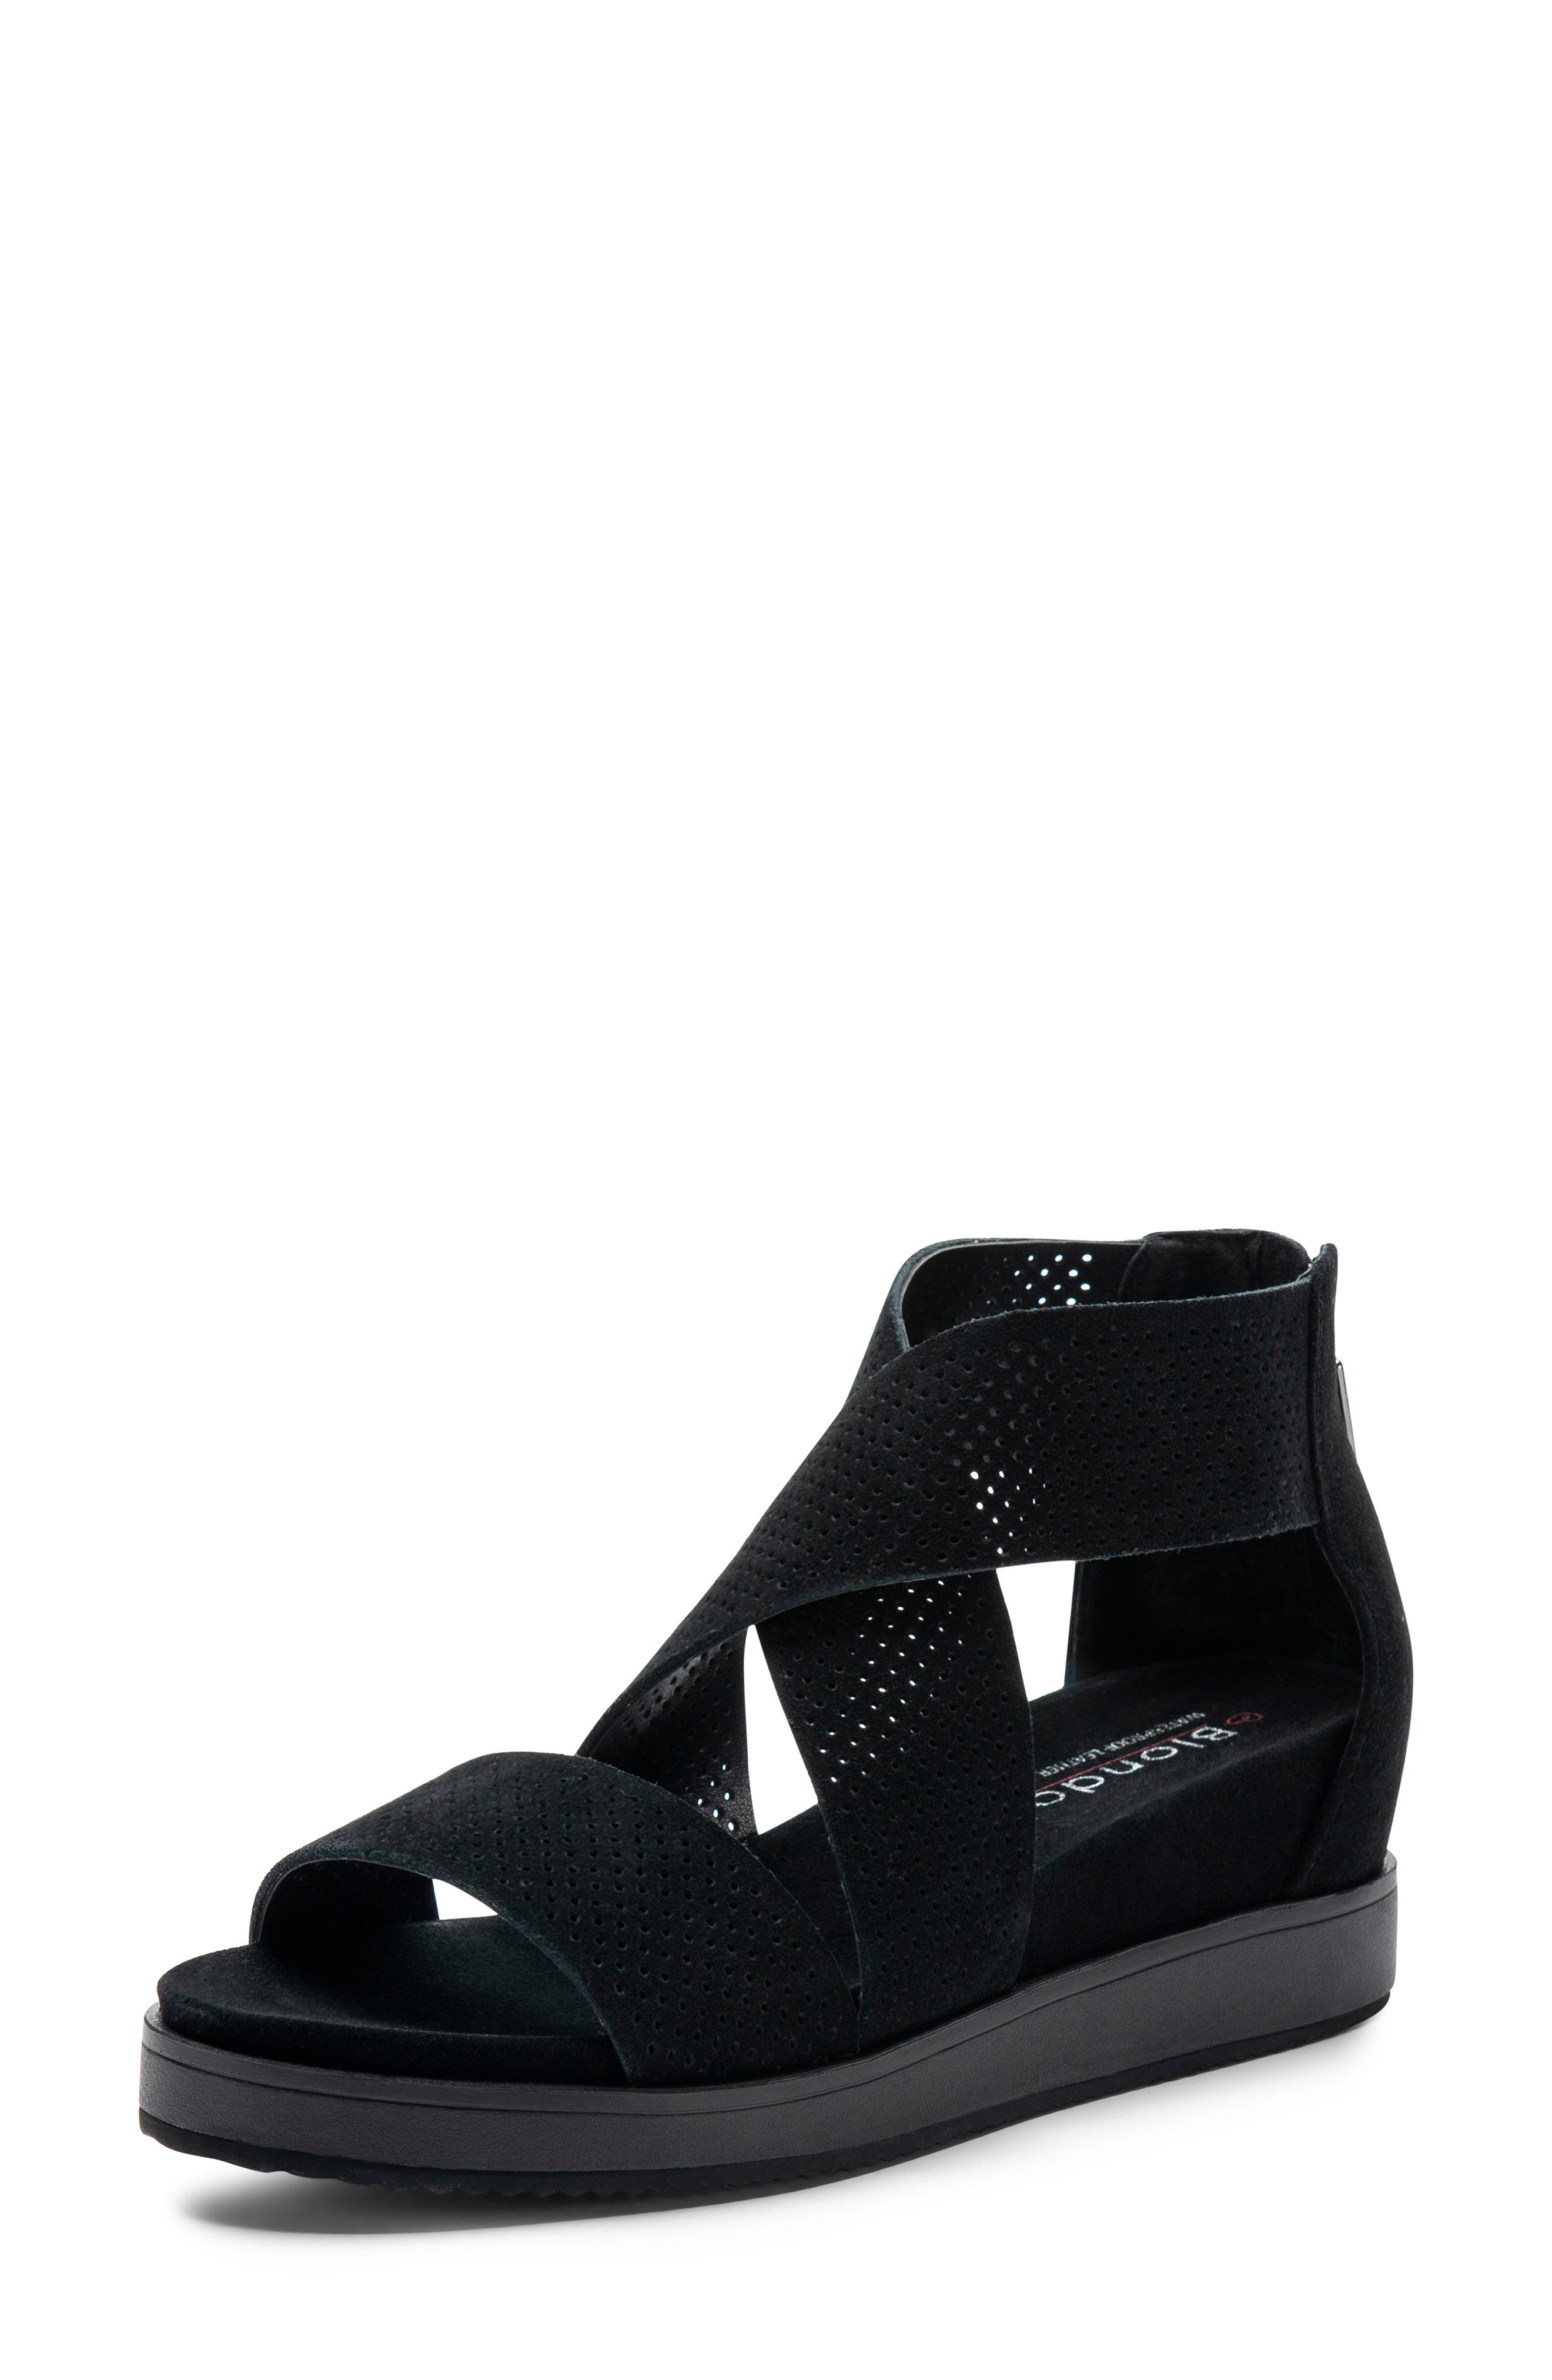 Cassie Waterproof Sandal, Main, color, BLACK SUEDE